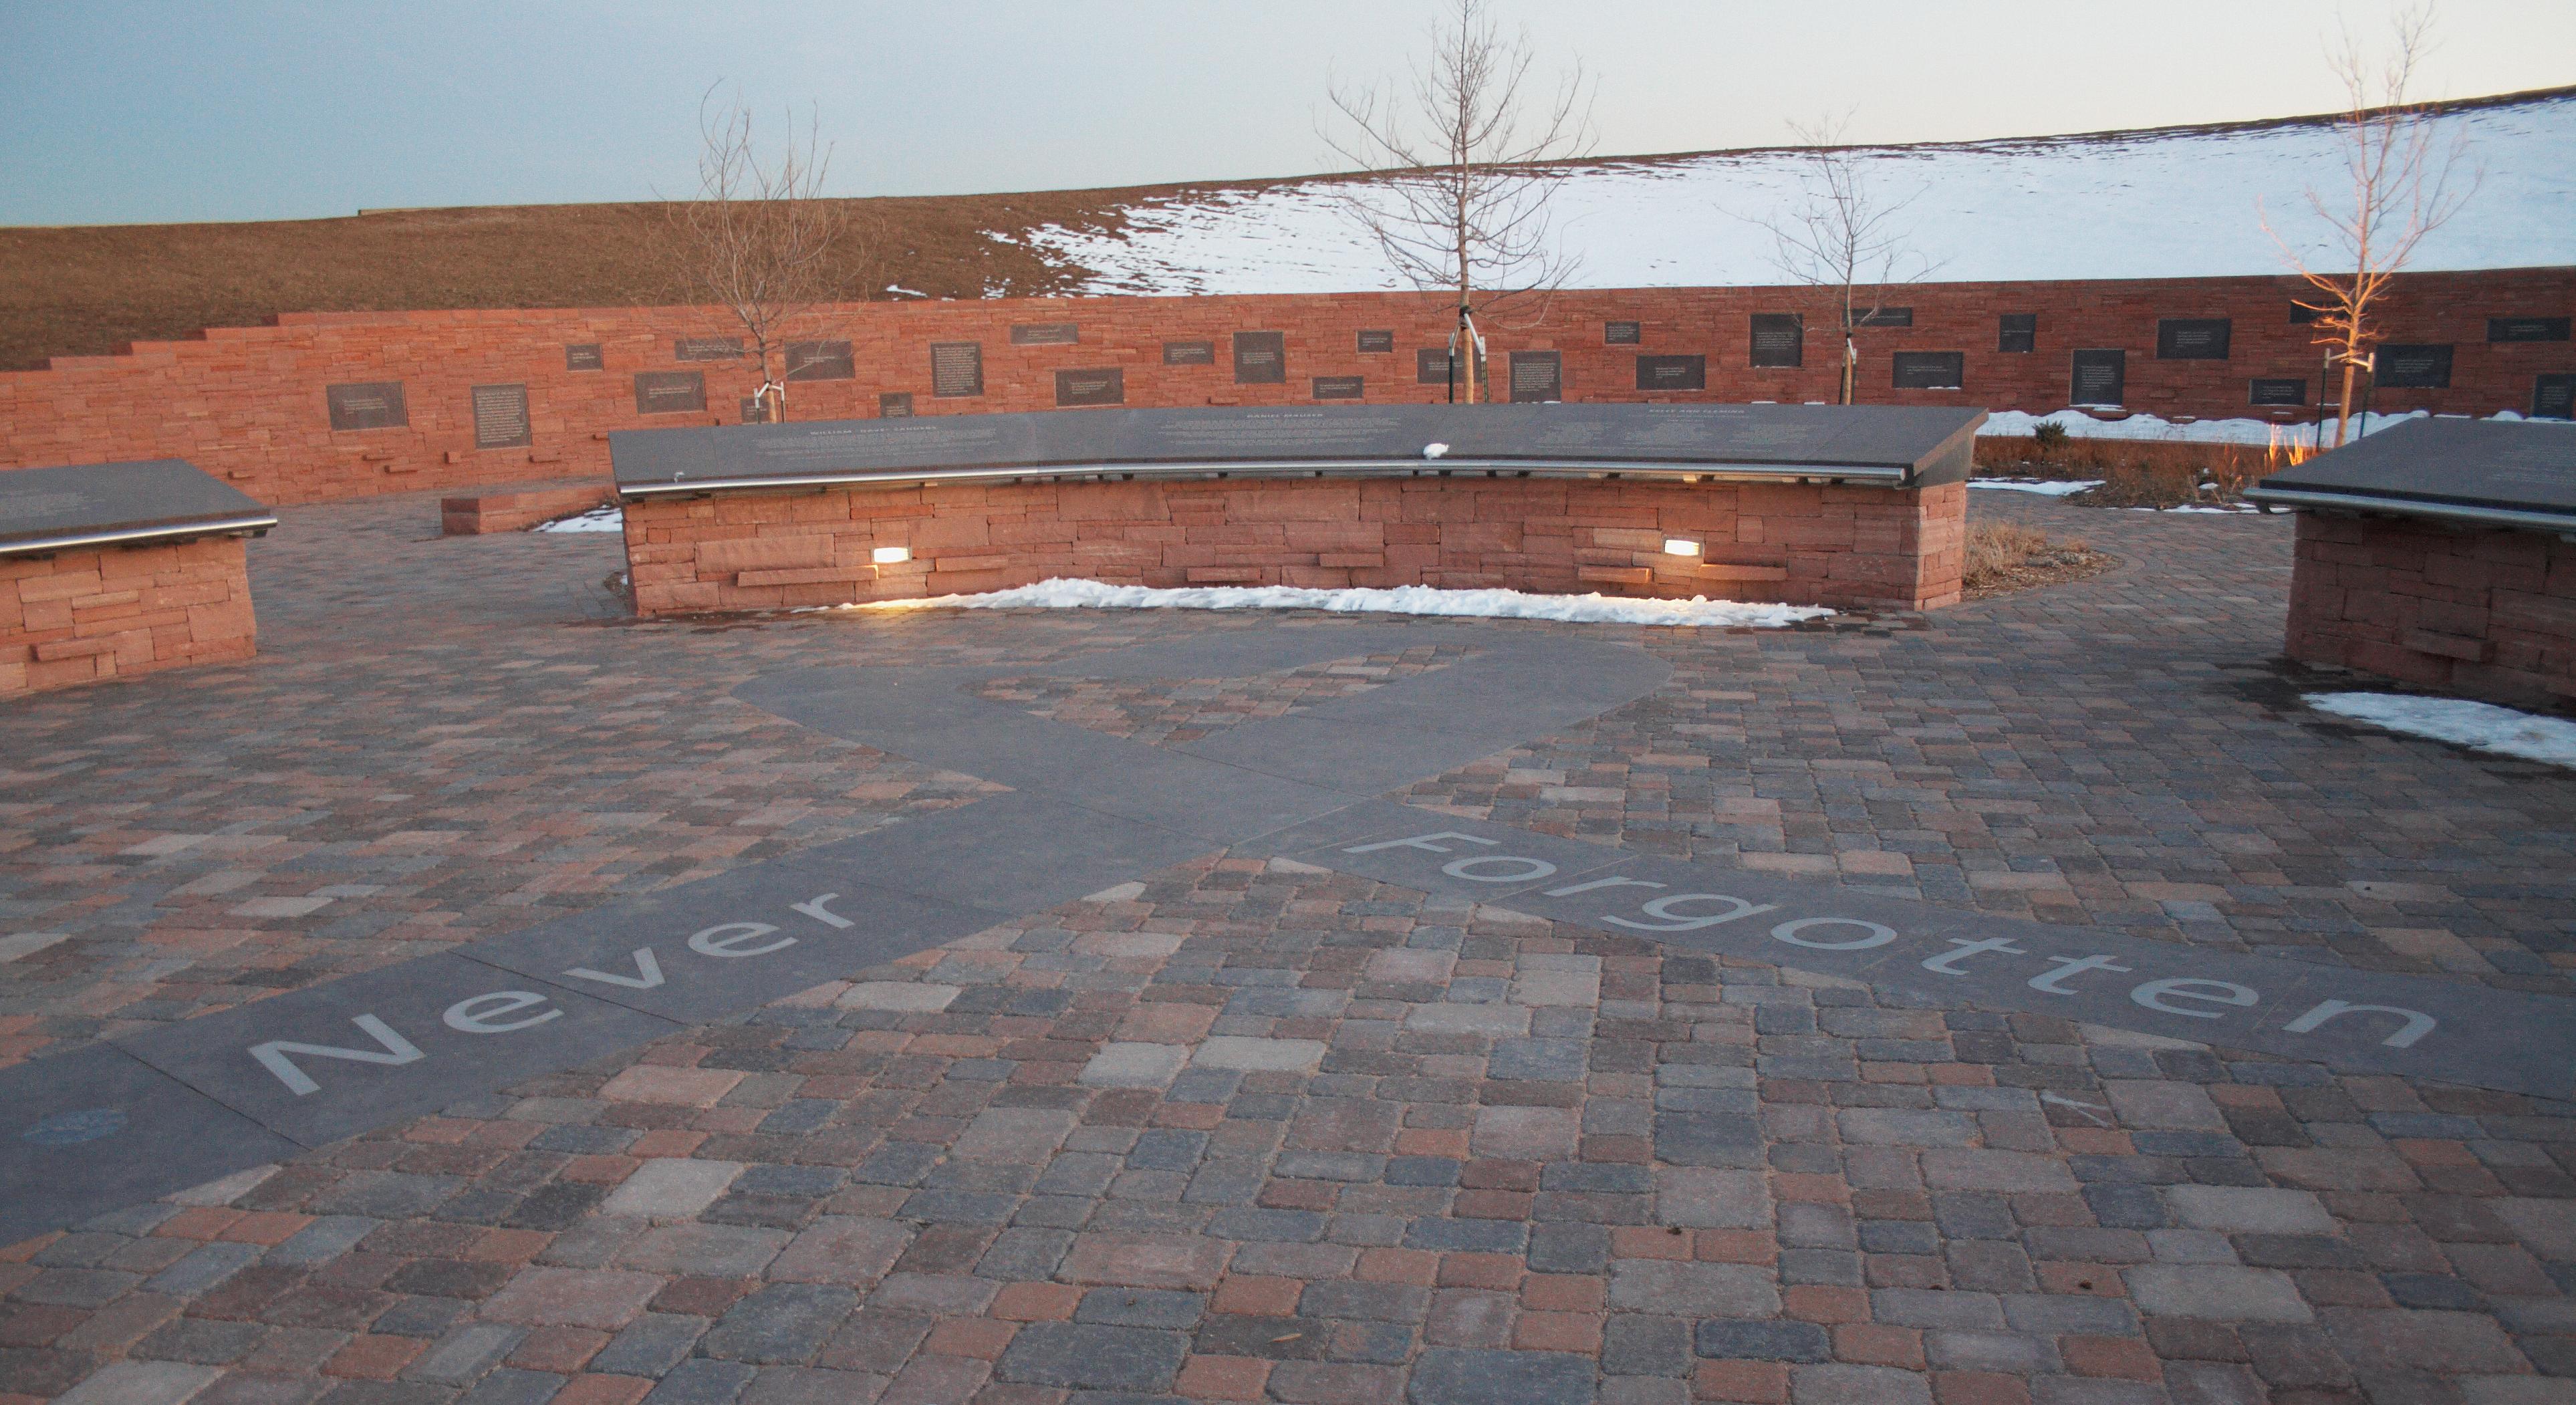 File:Columbine memorial.png